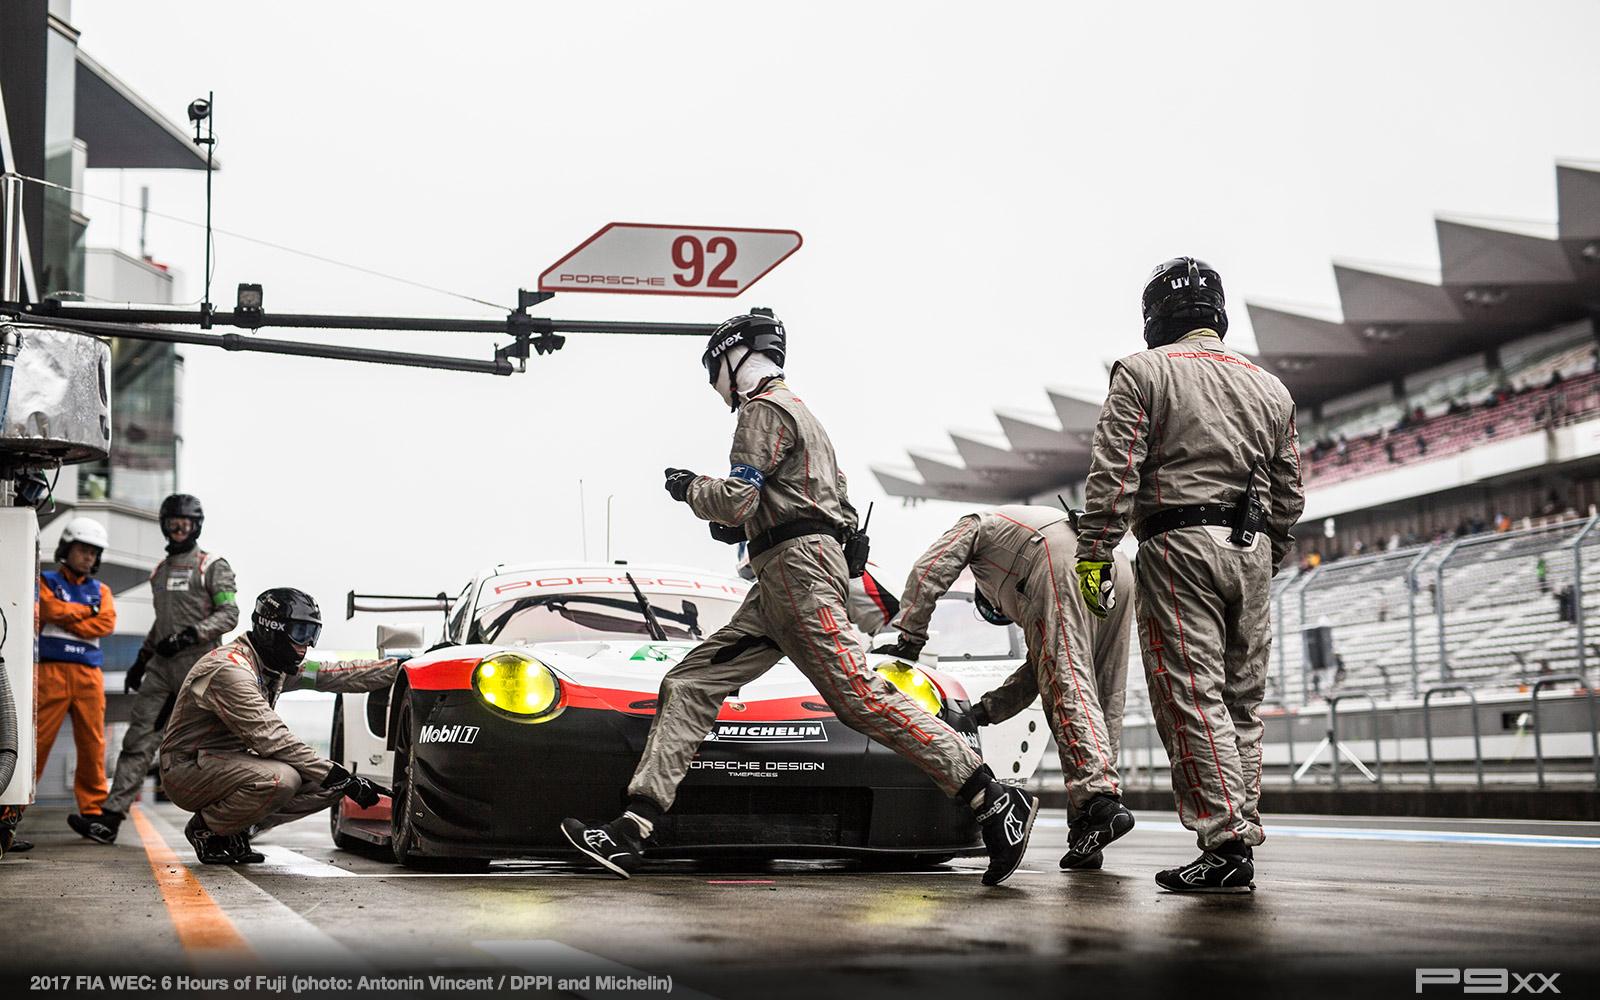 2017-FIA-WEC-6h-of-Fuji-Porsche-Fuji_02117011_1395303